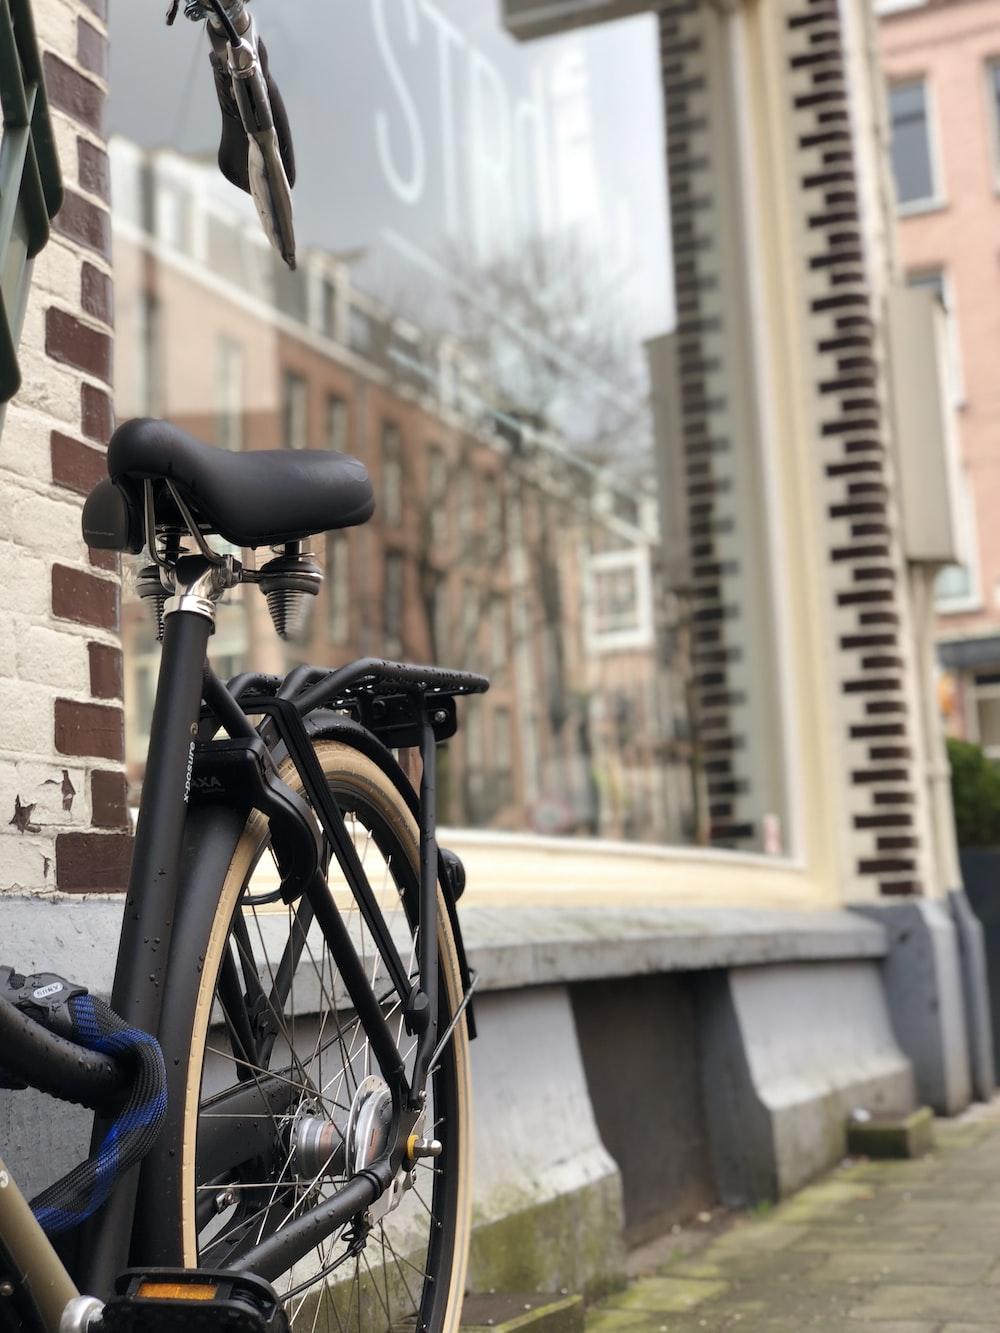 black commuter bike parked beside glass store window